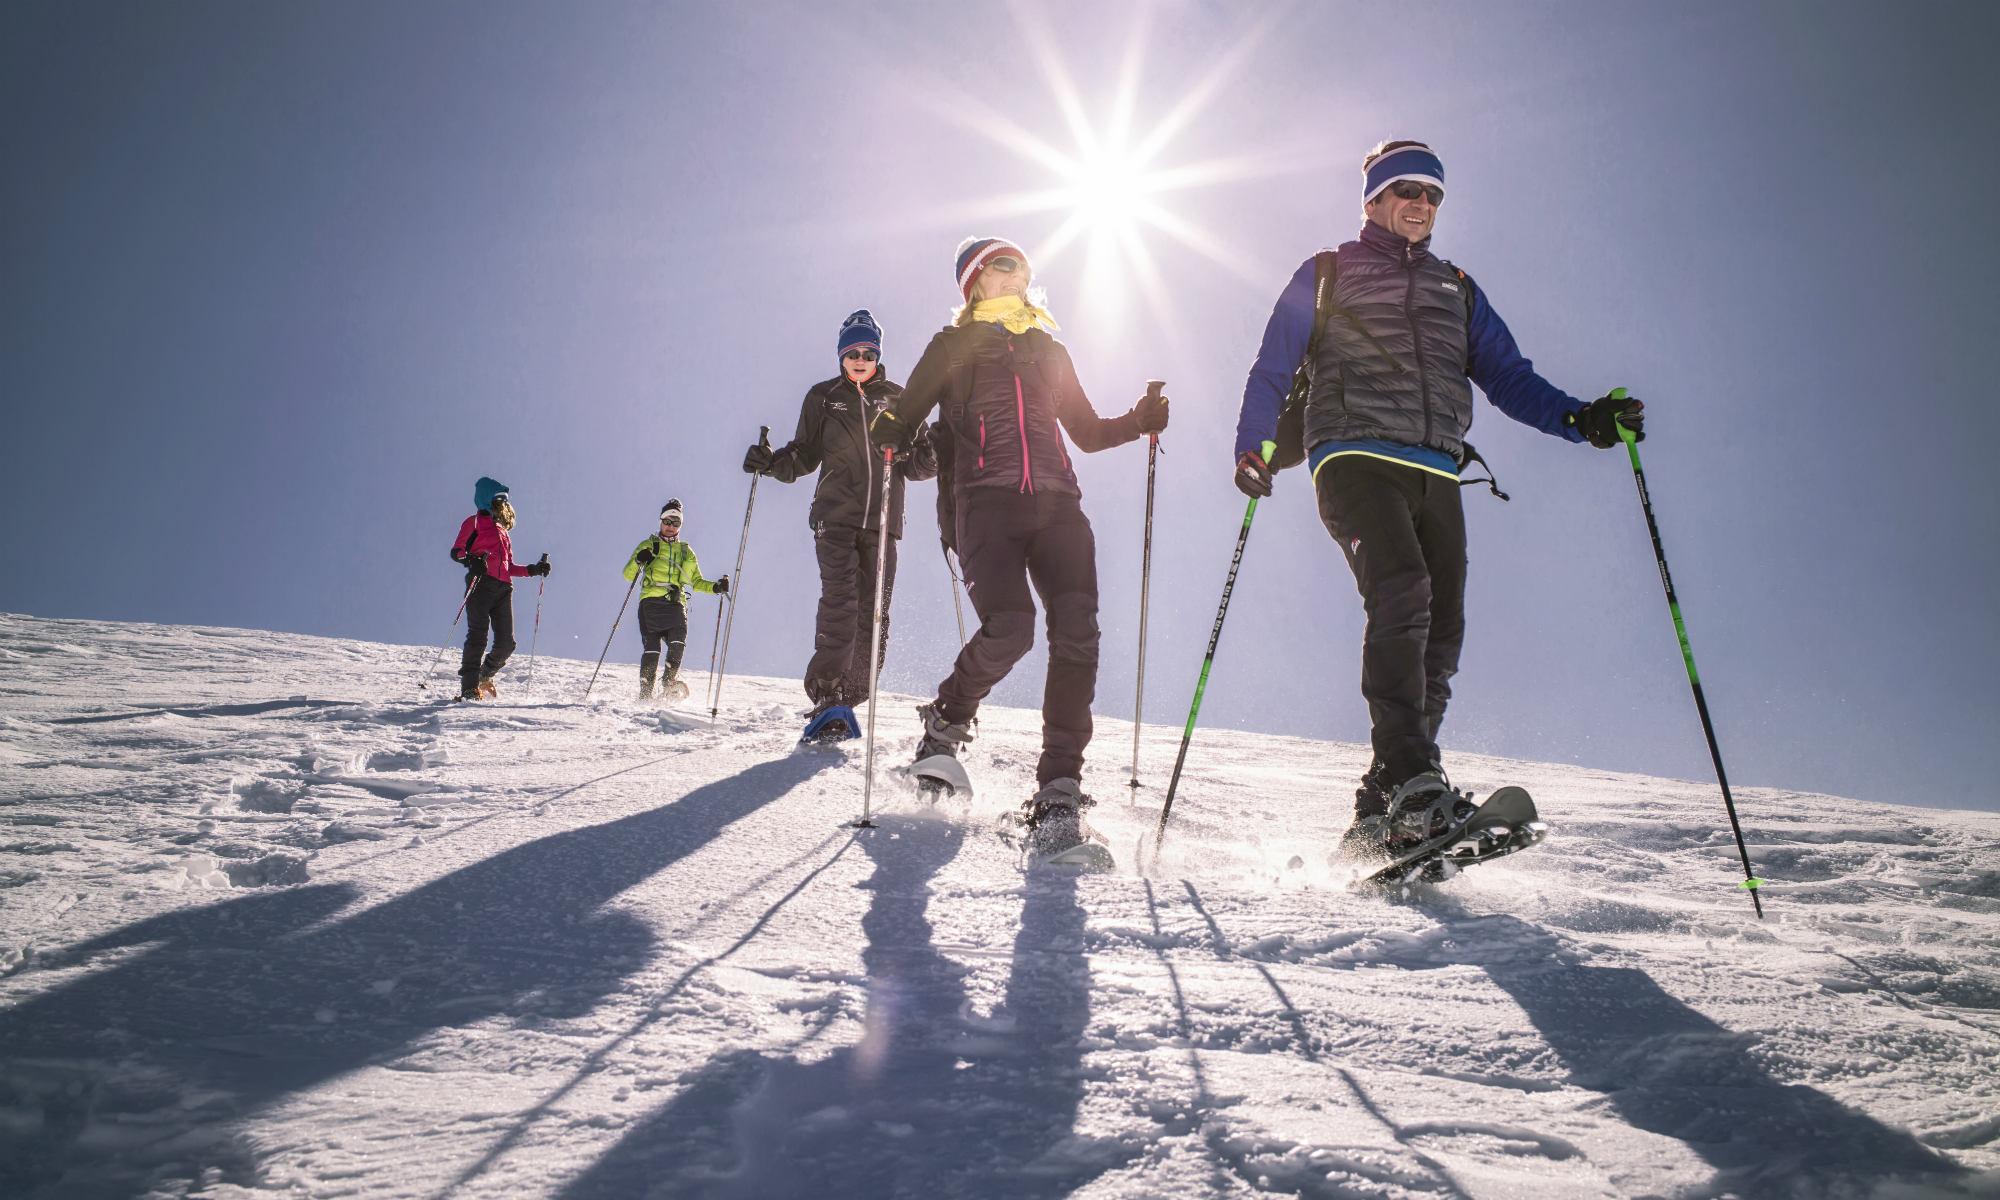 5 Personen bei einer Schneeschuhwanderung im Sonnenschein.